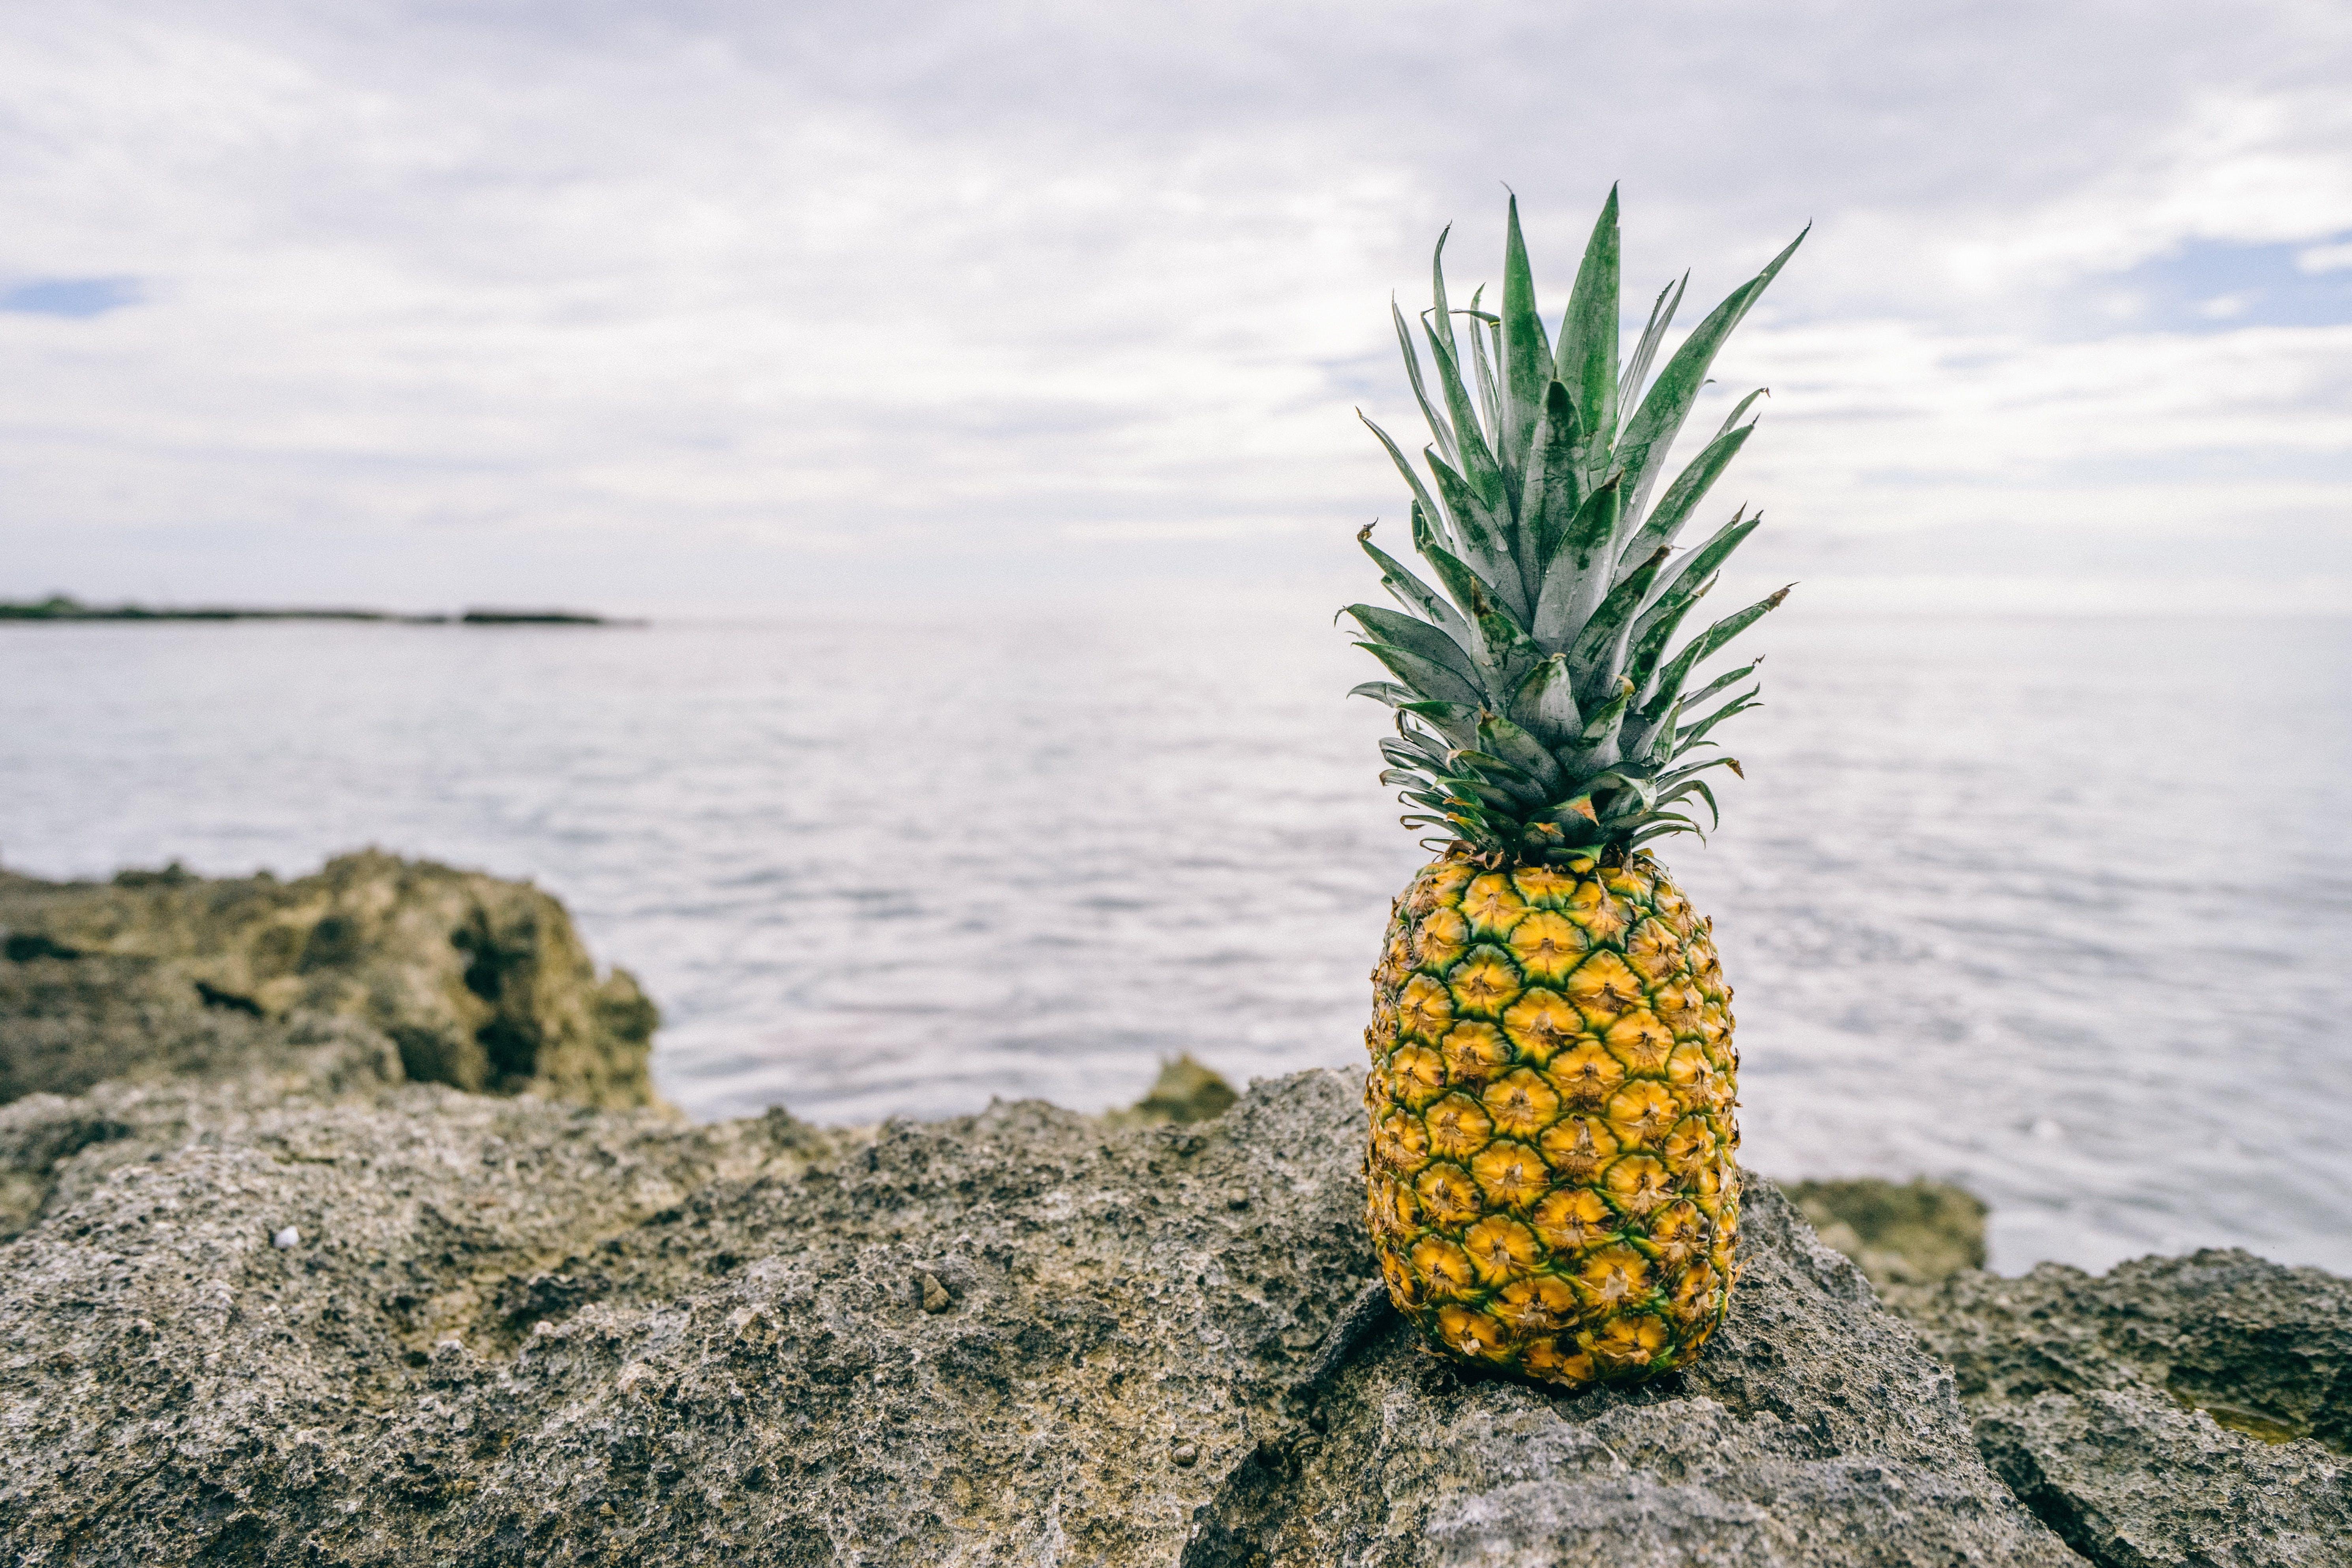 Gratis arkivbilde med ananas, korallrev, kystlinje, rock